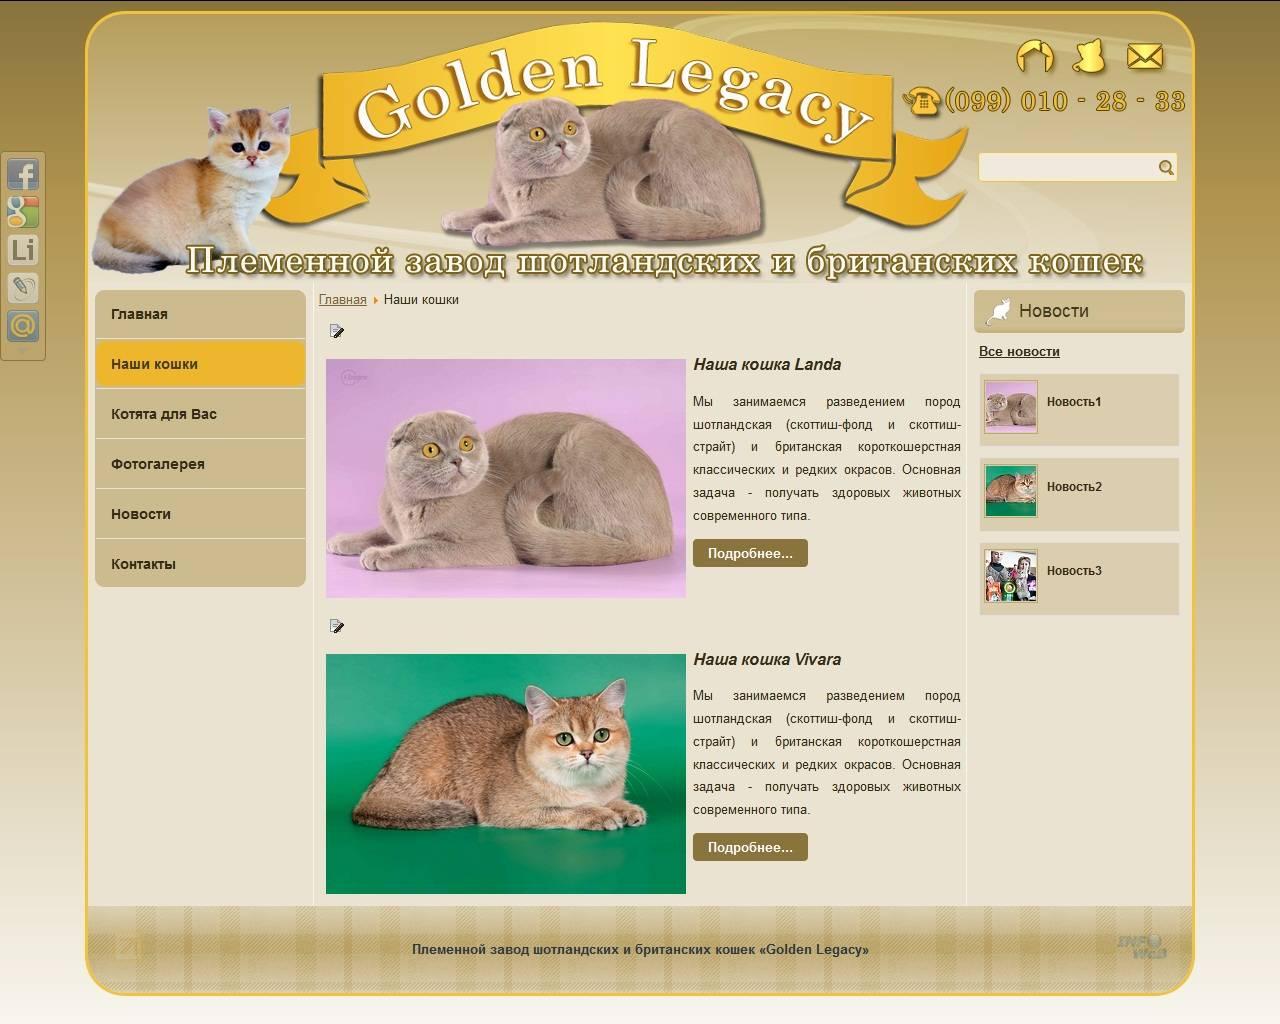 Британская кошка лилового окраса: история породы, виды, особенности и фото британцев